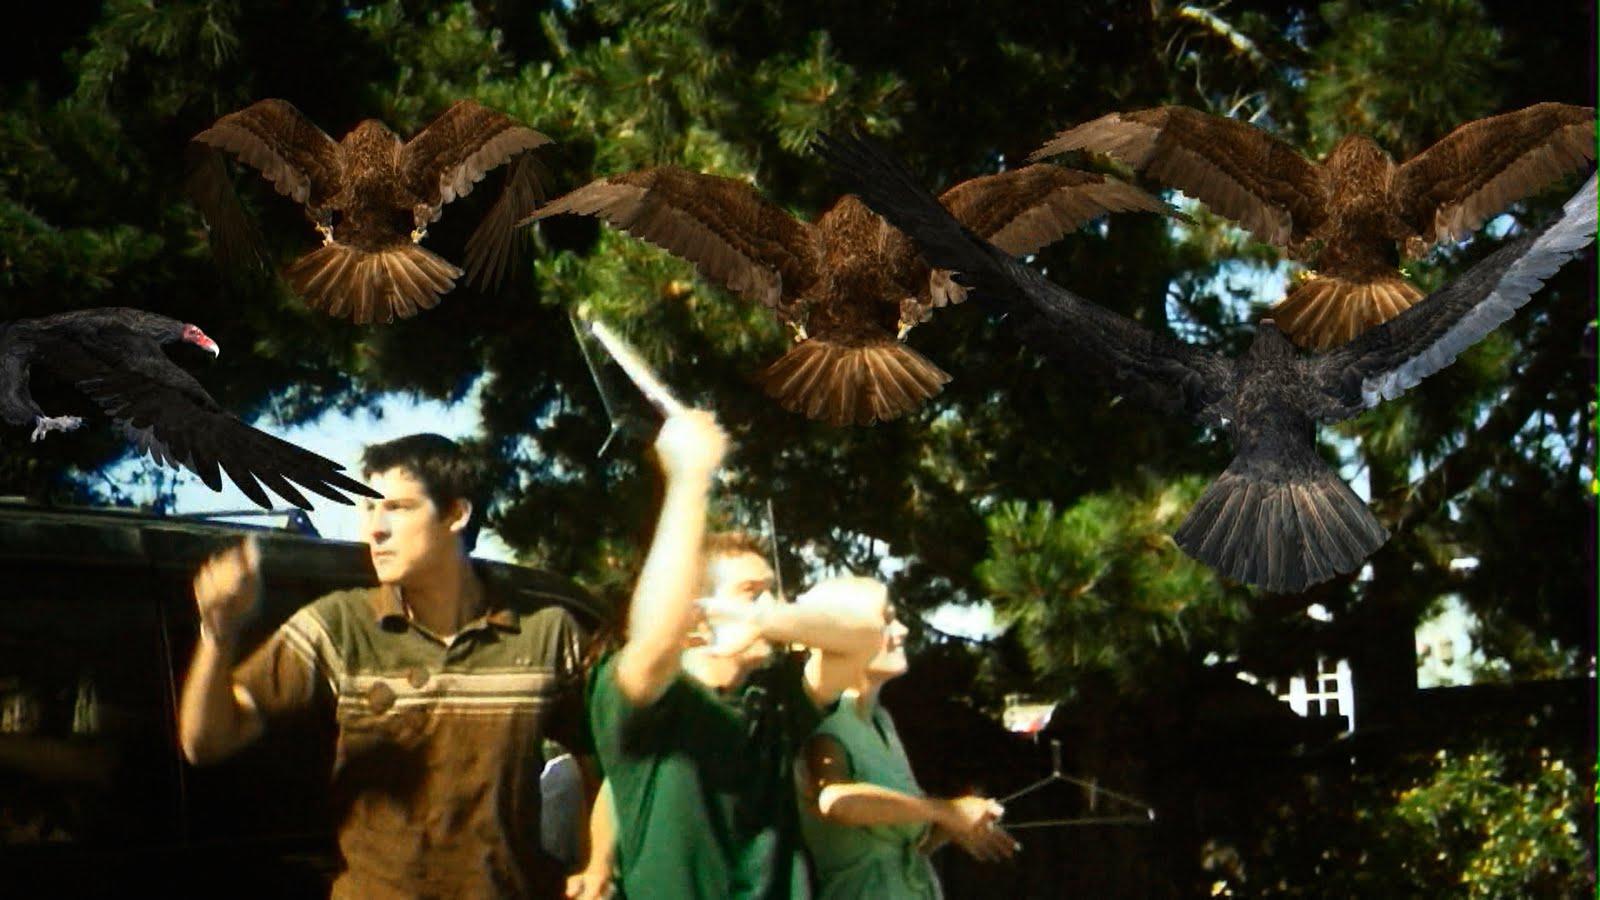 Текст о фильме Джеймса Нгуйена «Птицекалипсис: Шок и Трепет» (Birdemic: Shock and Terror, 2010)